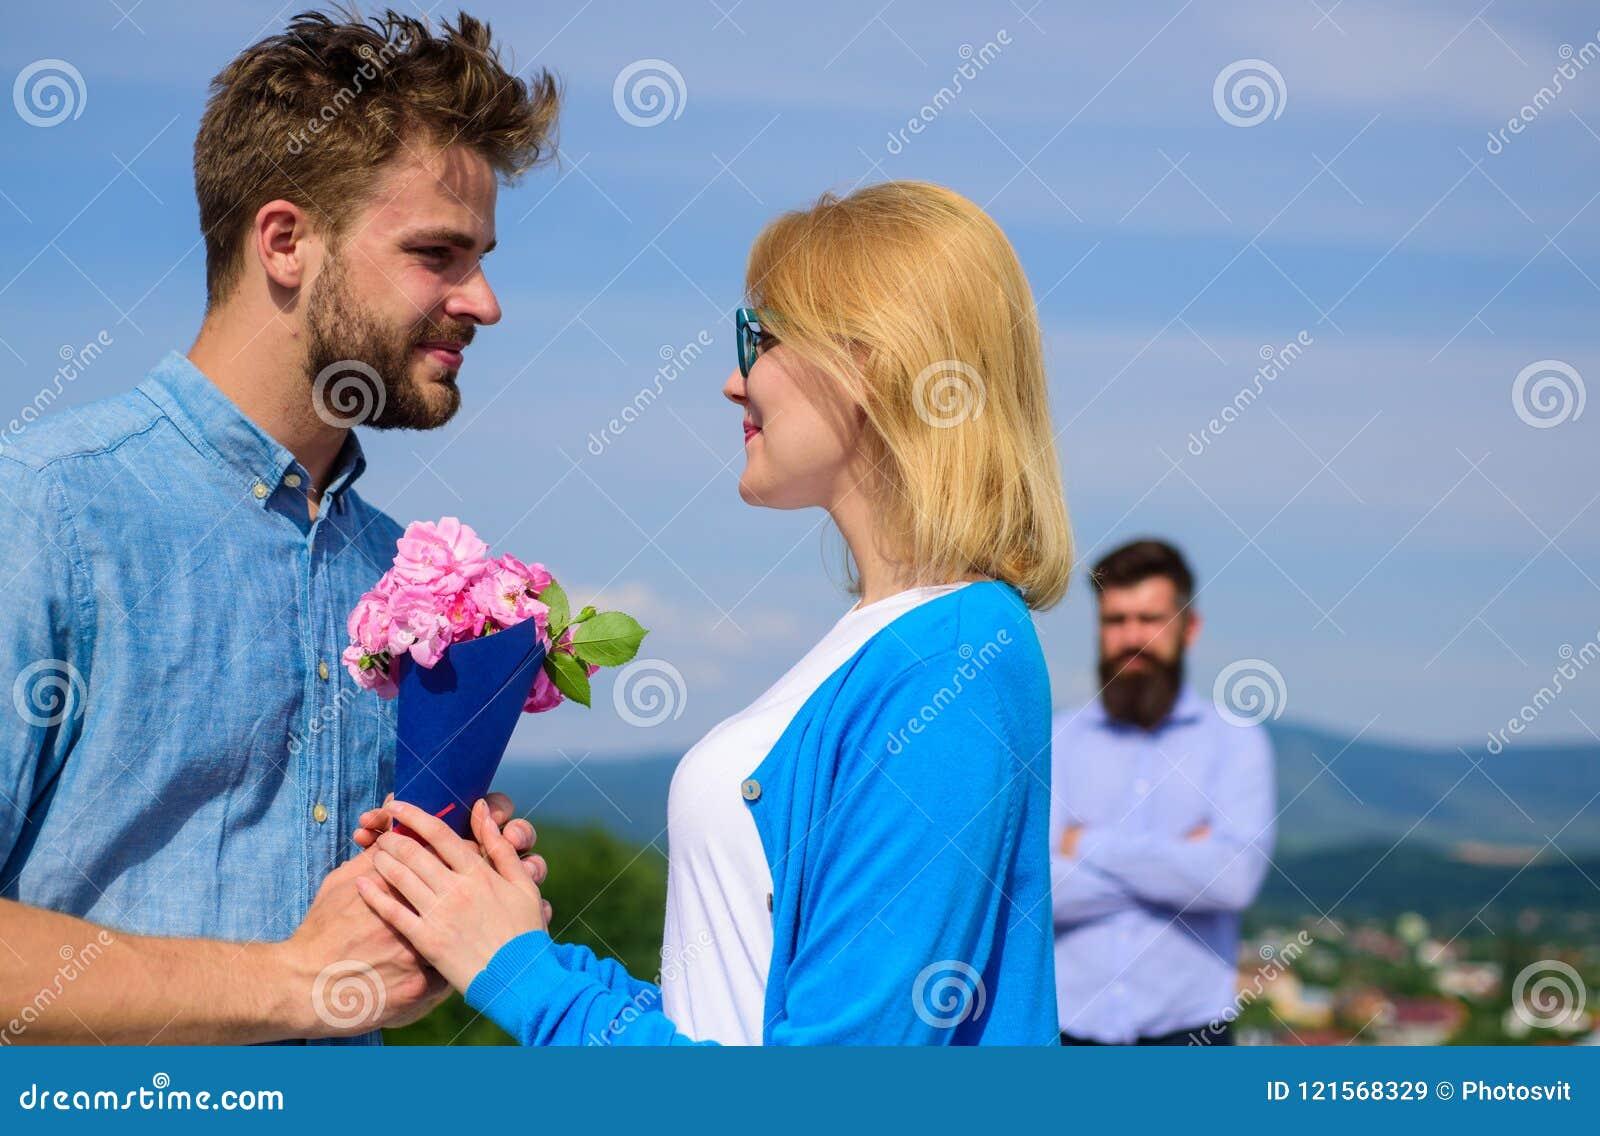 Ehe nicht Dating-Download komplett